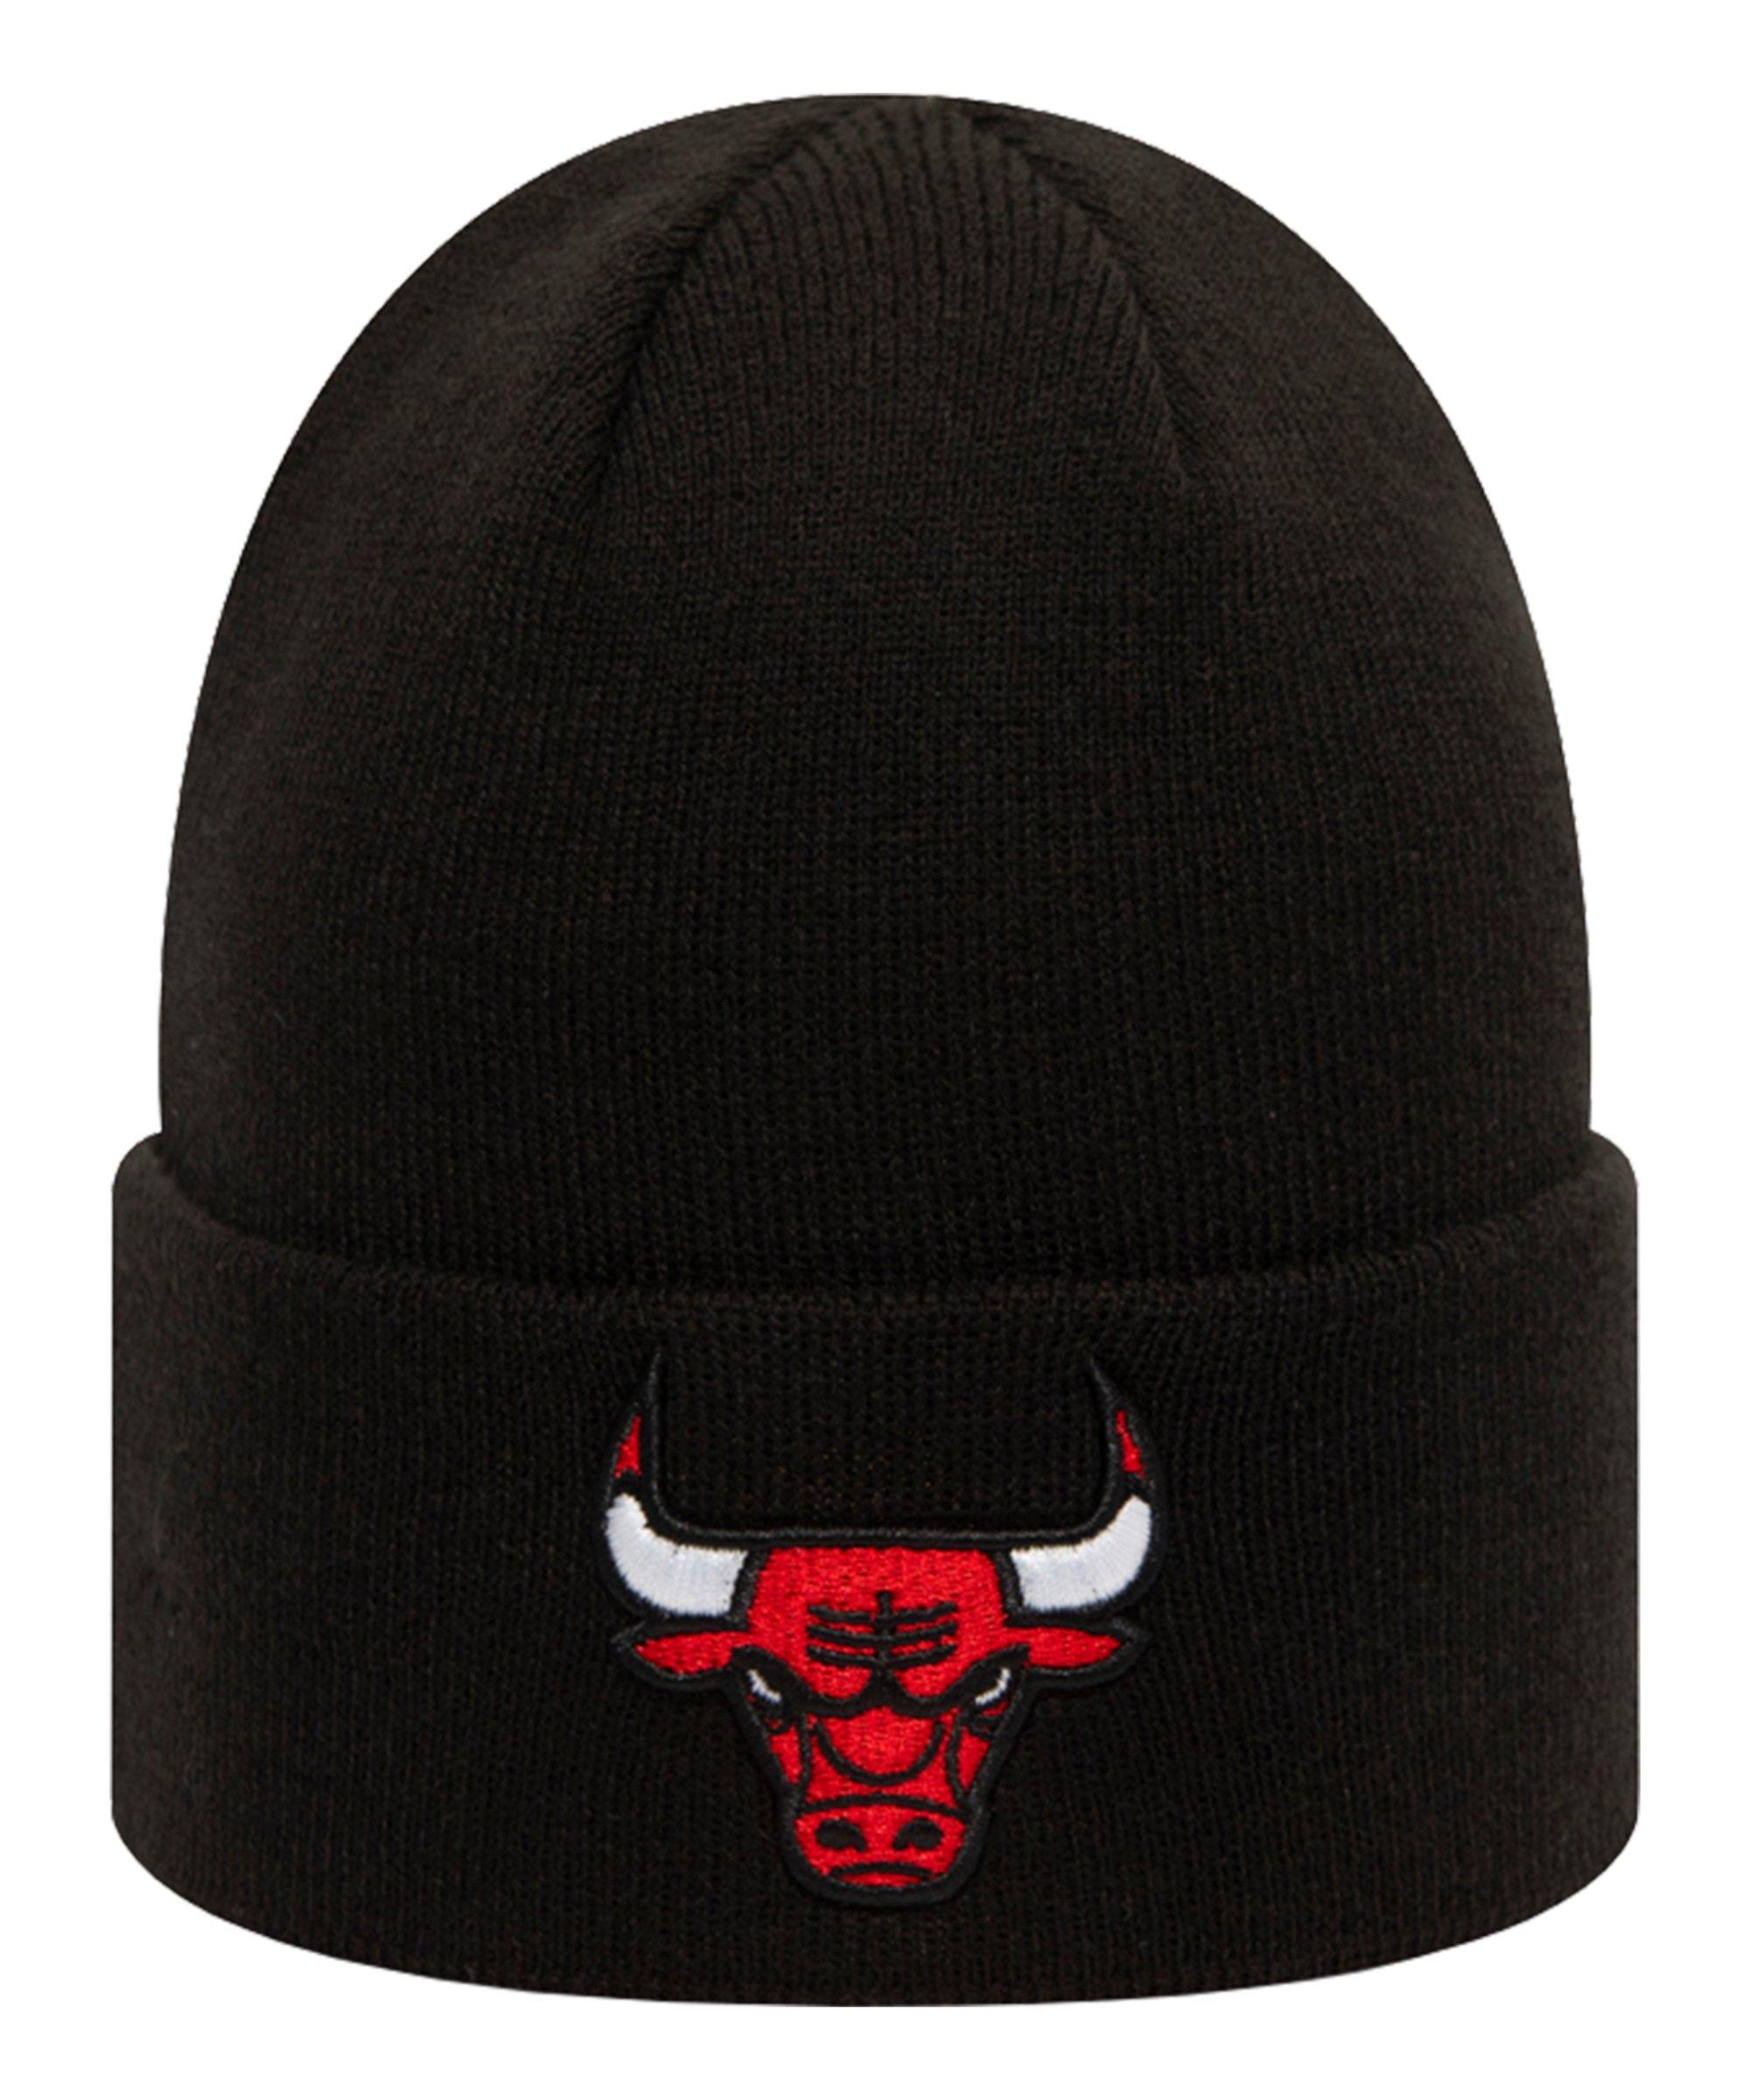 New Era Chicago Bulls Essential Cuff Schwarz - schwarz